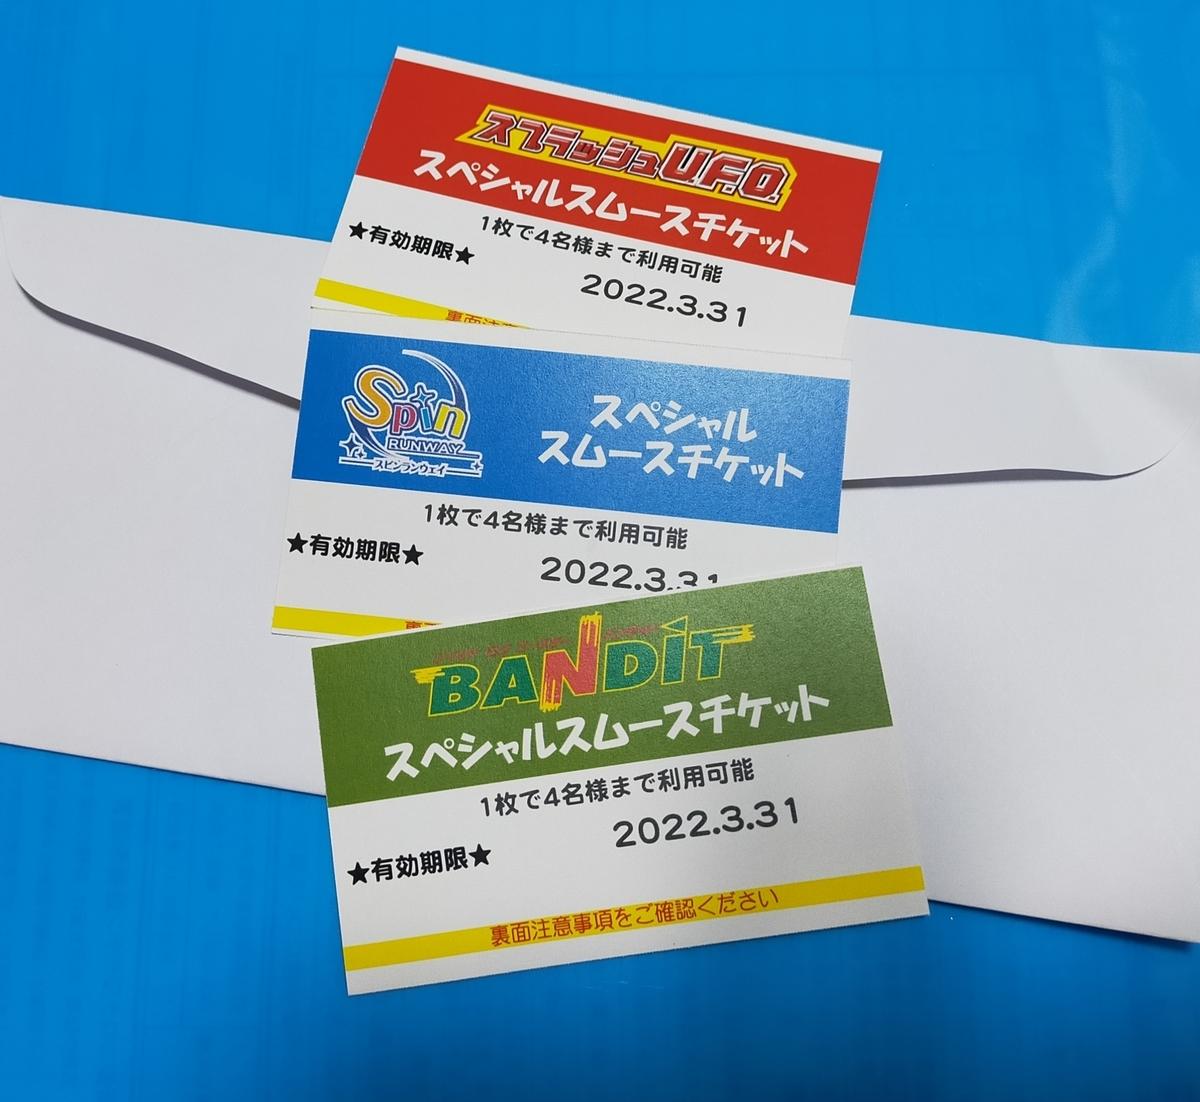 f:id:Tokyo-amuse:20211001175058j:plain